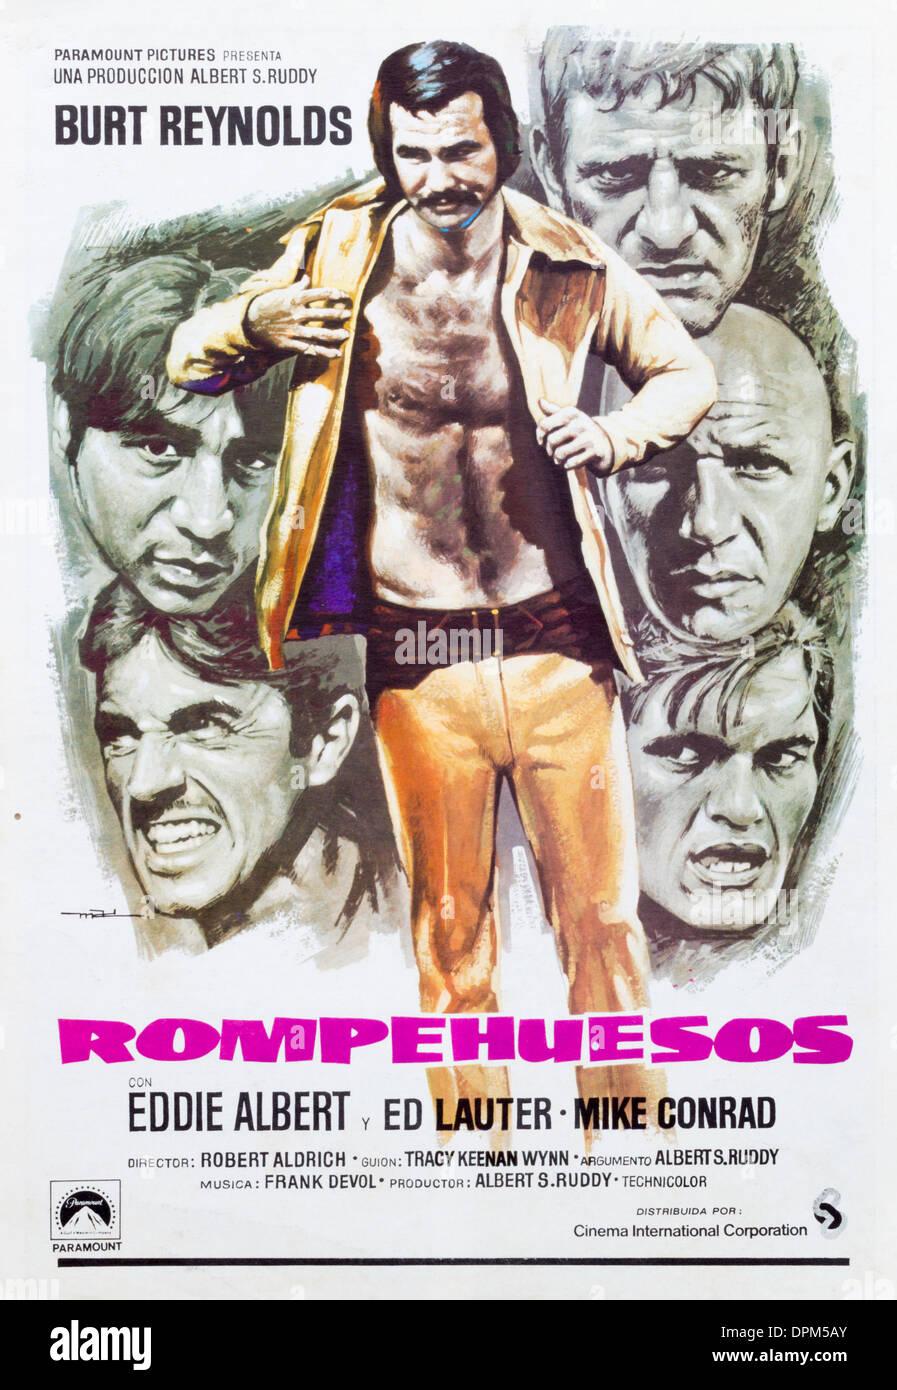 spanish film poster for burt reynolds film the longest